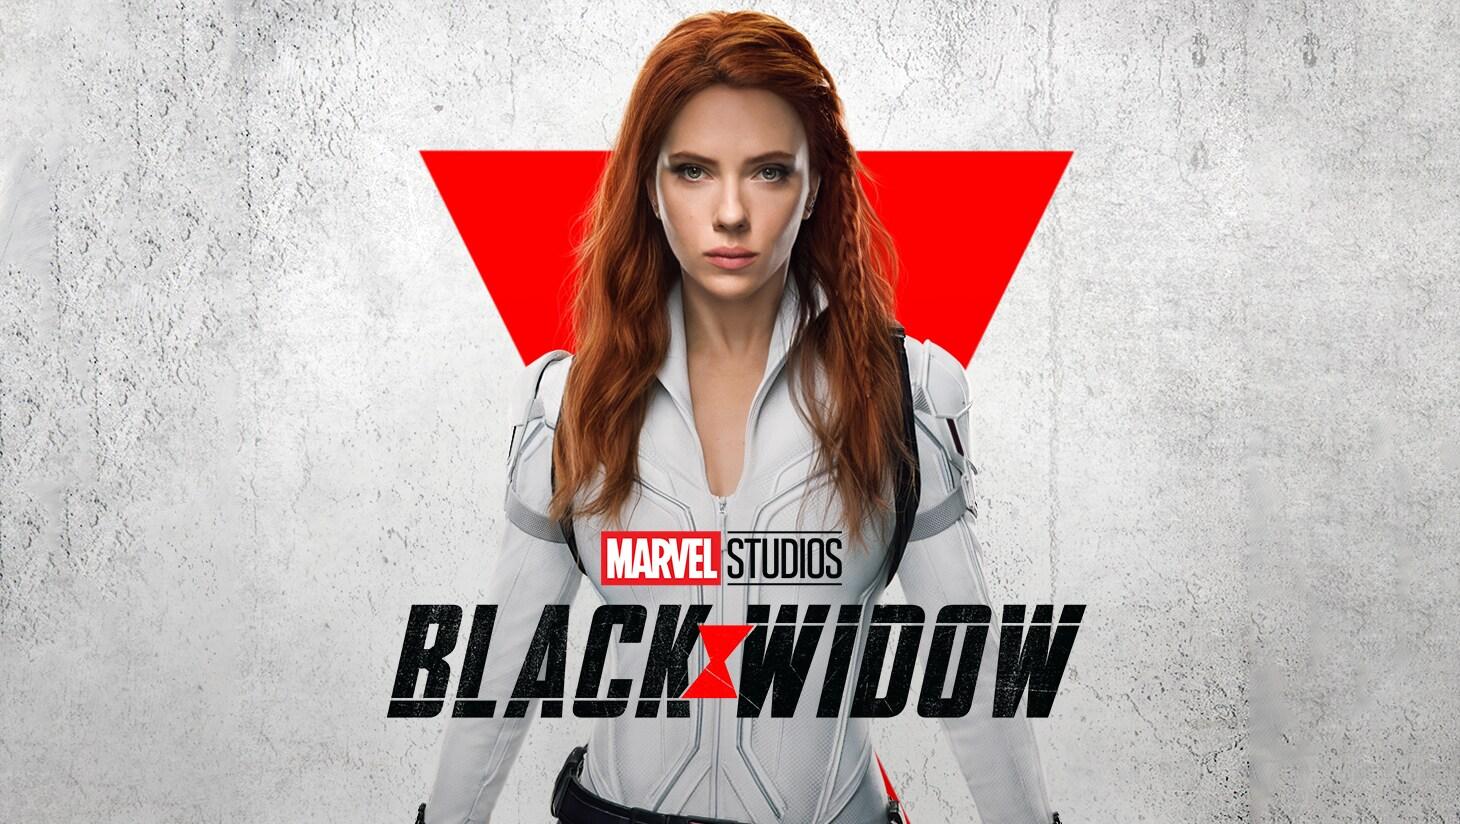 Marvel Studios' Black Widow keyart